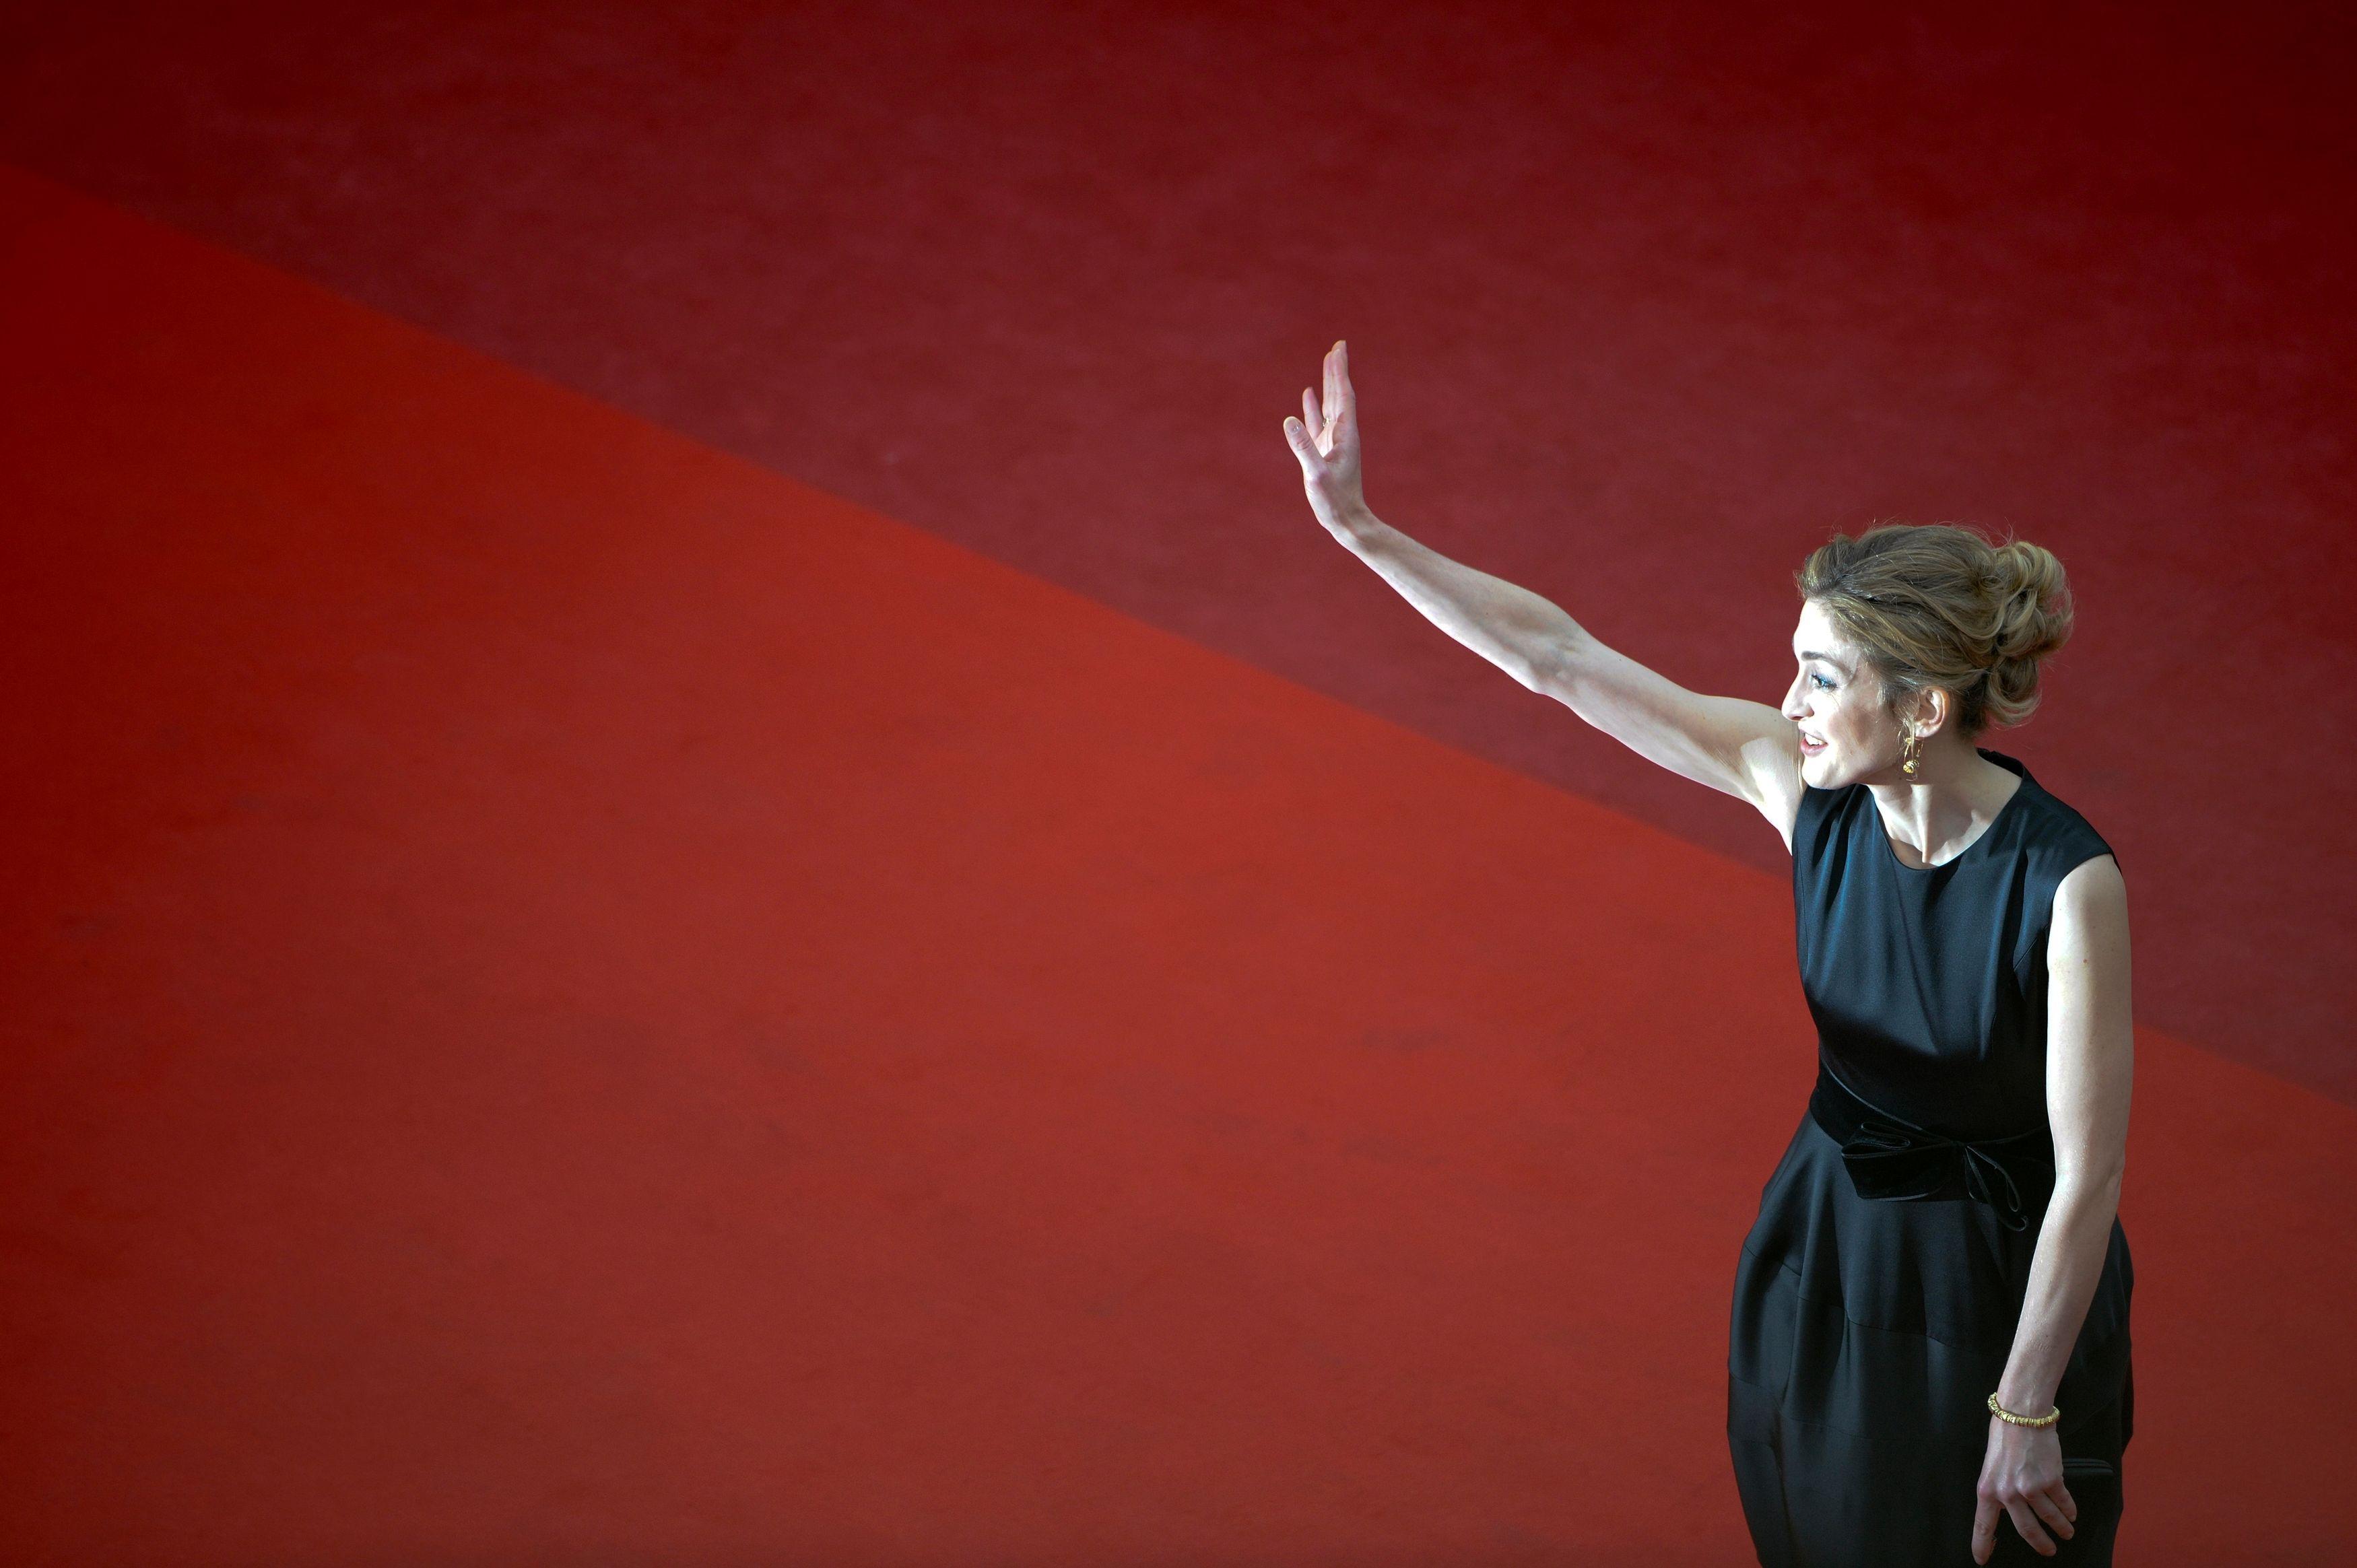 Julie Gayet devrait être absente aux Césars